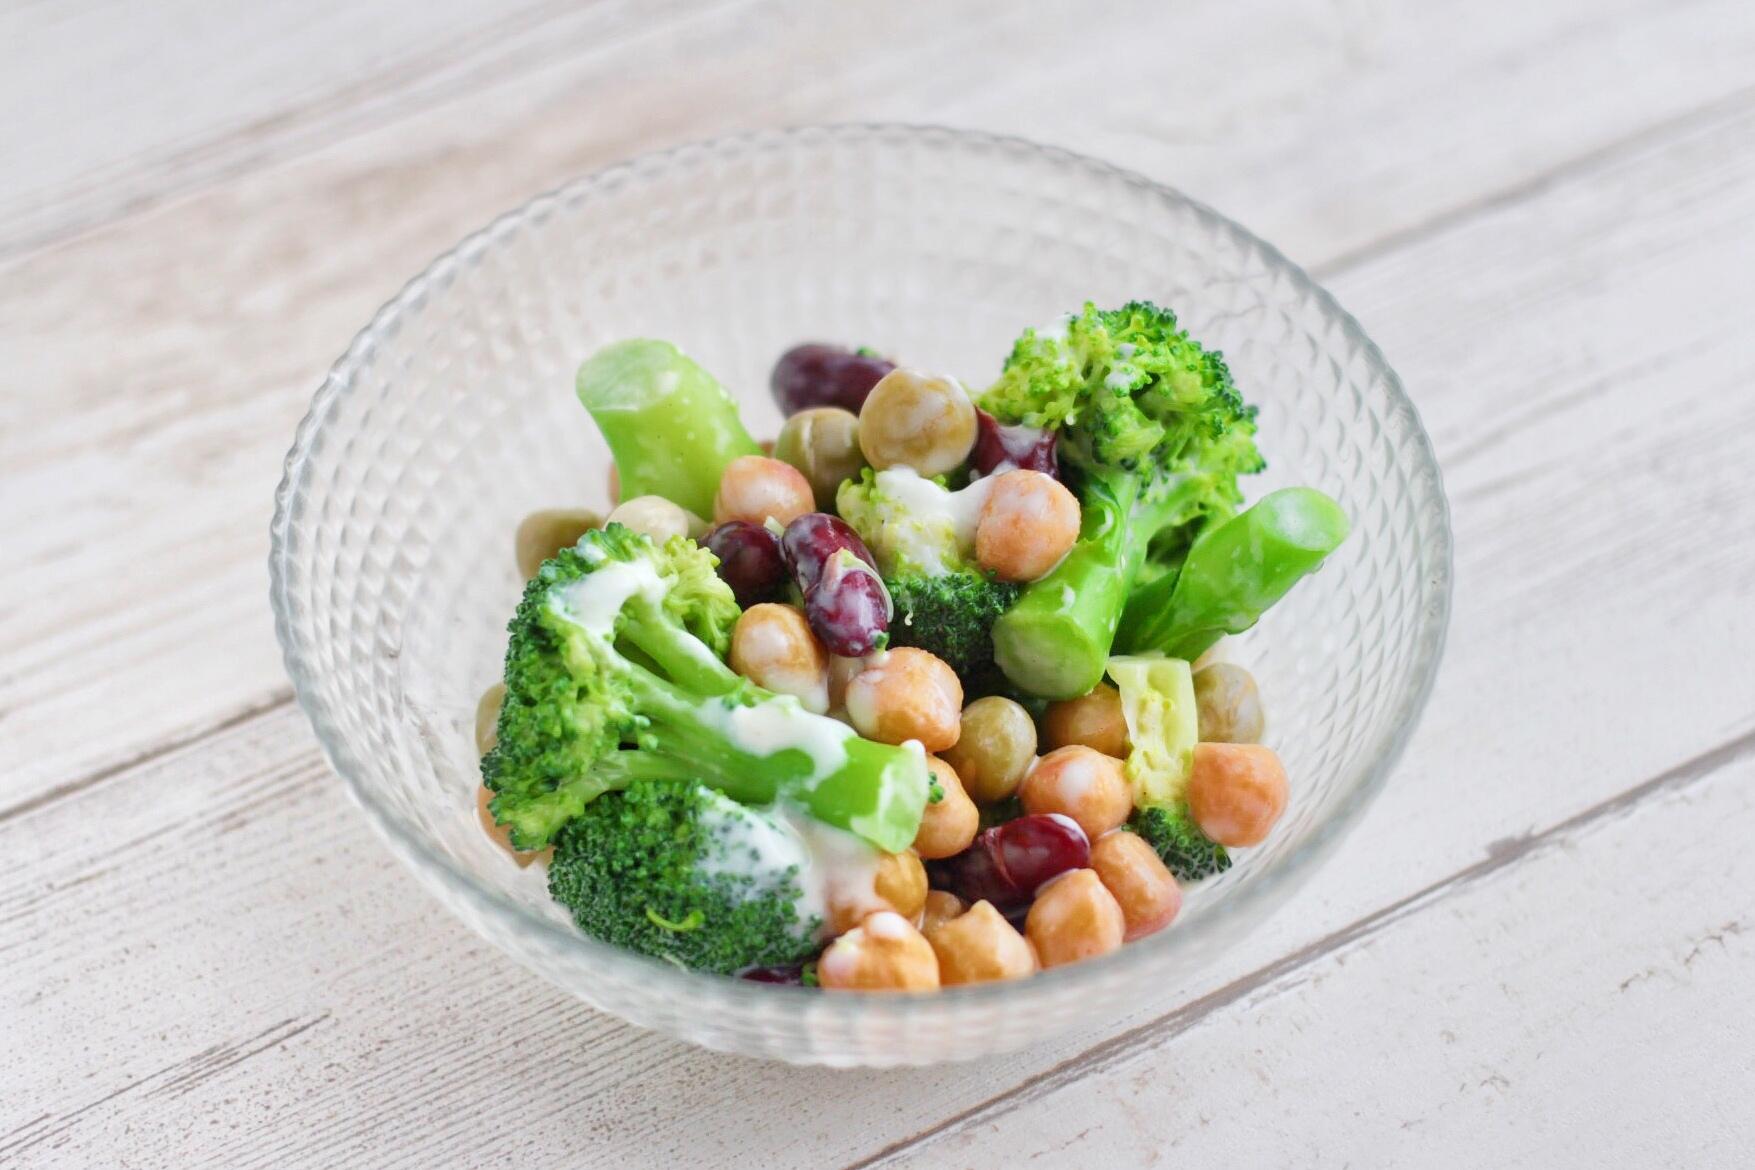 ヨーグルトとブロッコリーのサラダ